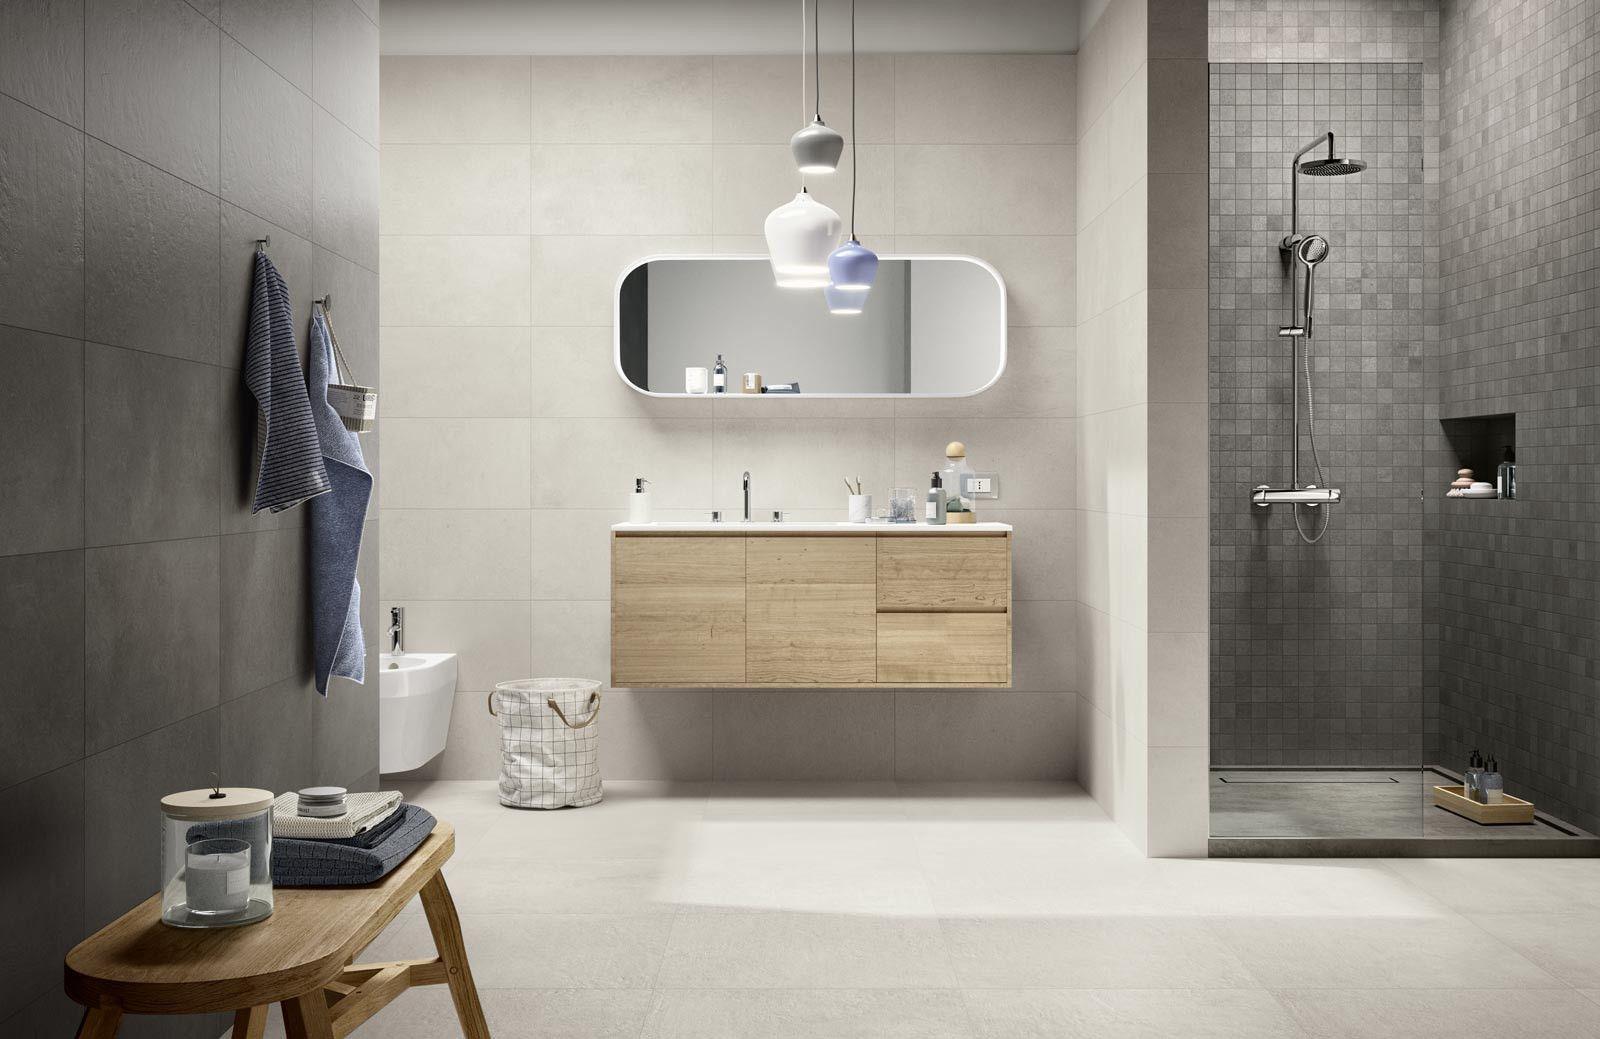 Ragno Studio Antracite 30x60 Cm R4qk Ispirazione Bagno Arredamento Bagno Idee Per Il Bagno